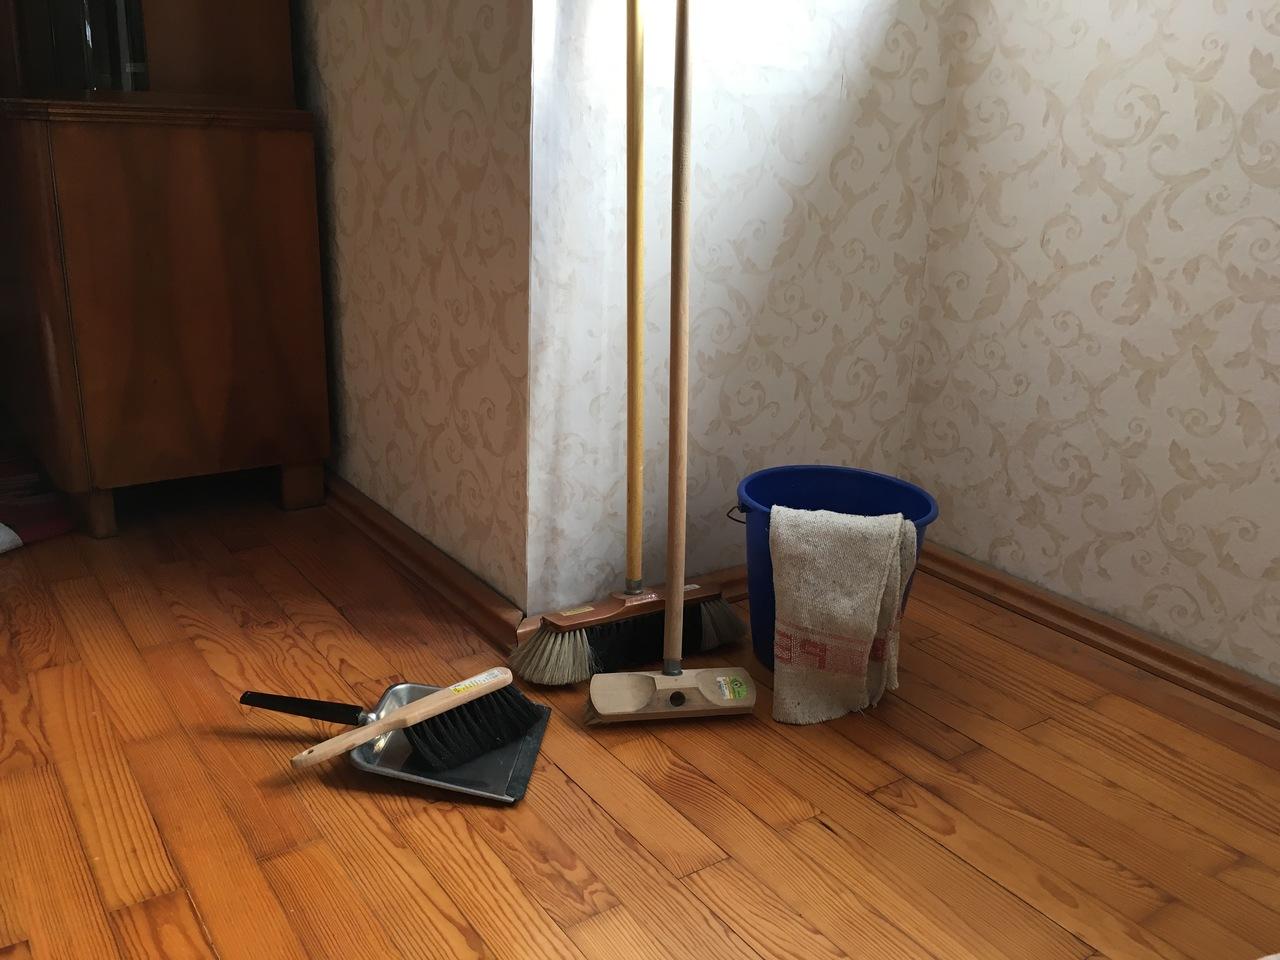 Fußboden Gießen ~ Fußboden gießen bodenbeläge warmuth die bodenlege profis in münchen